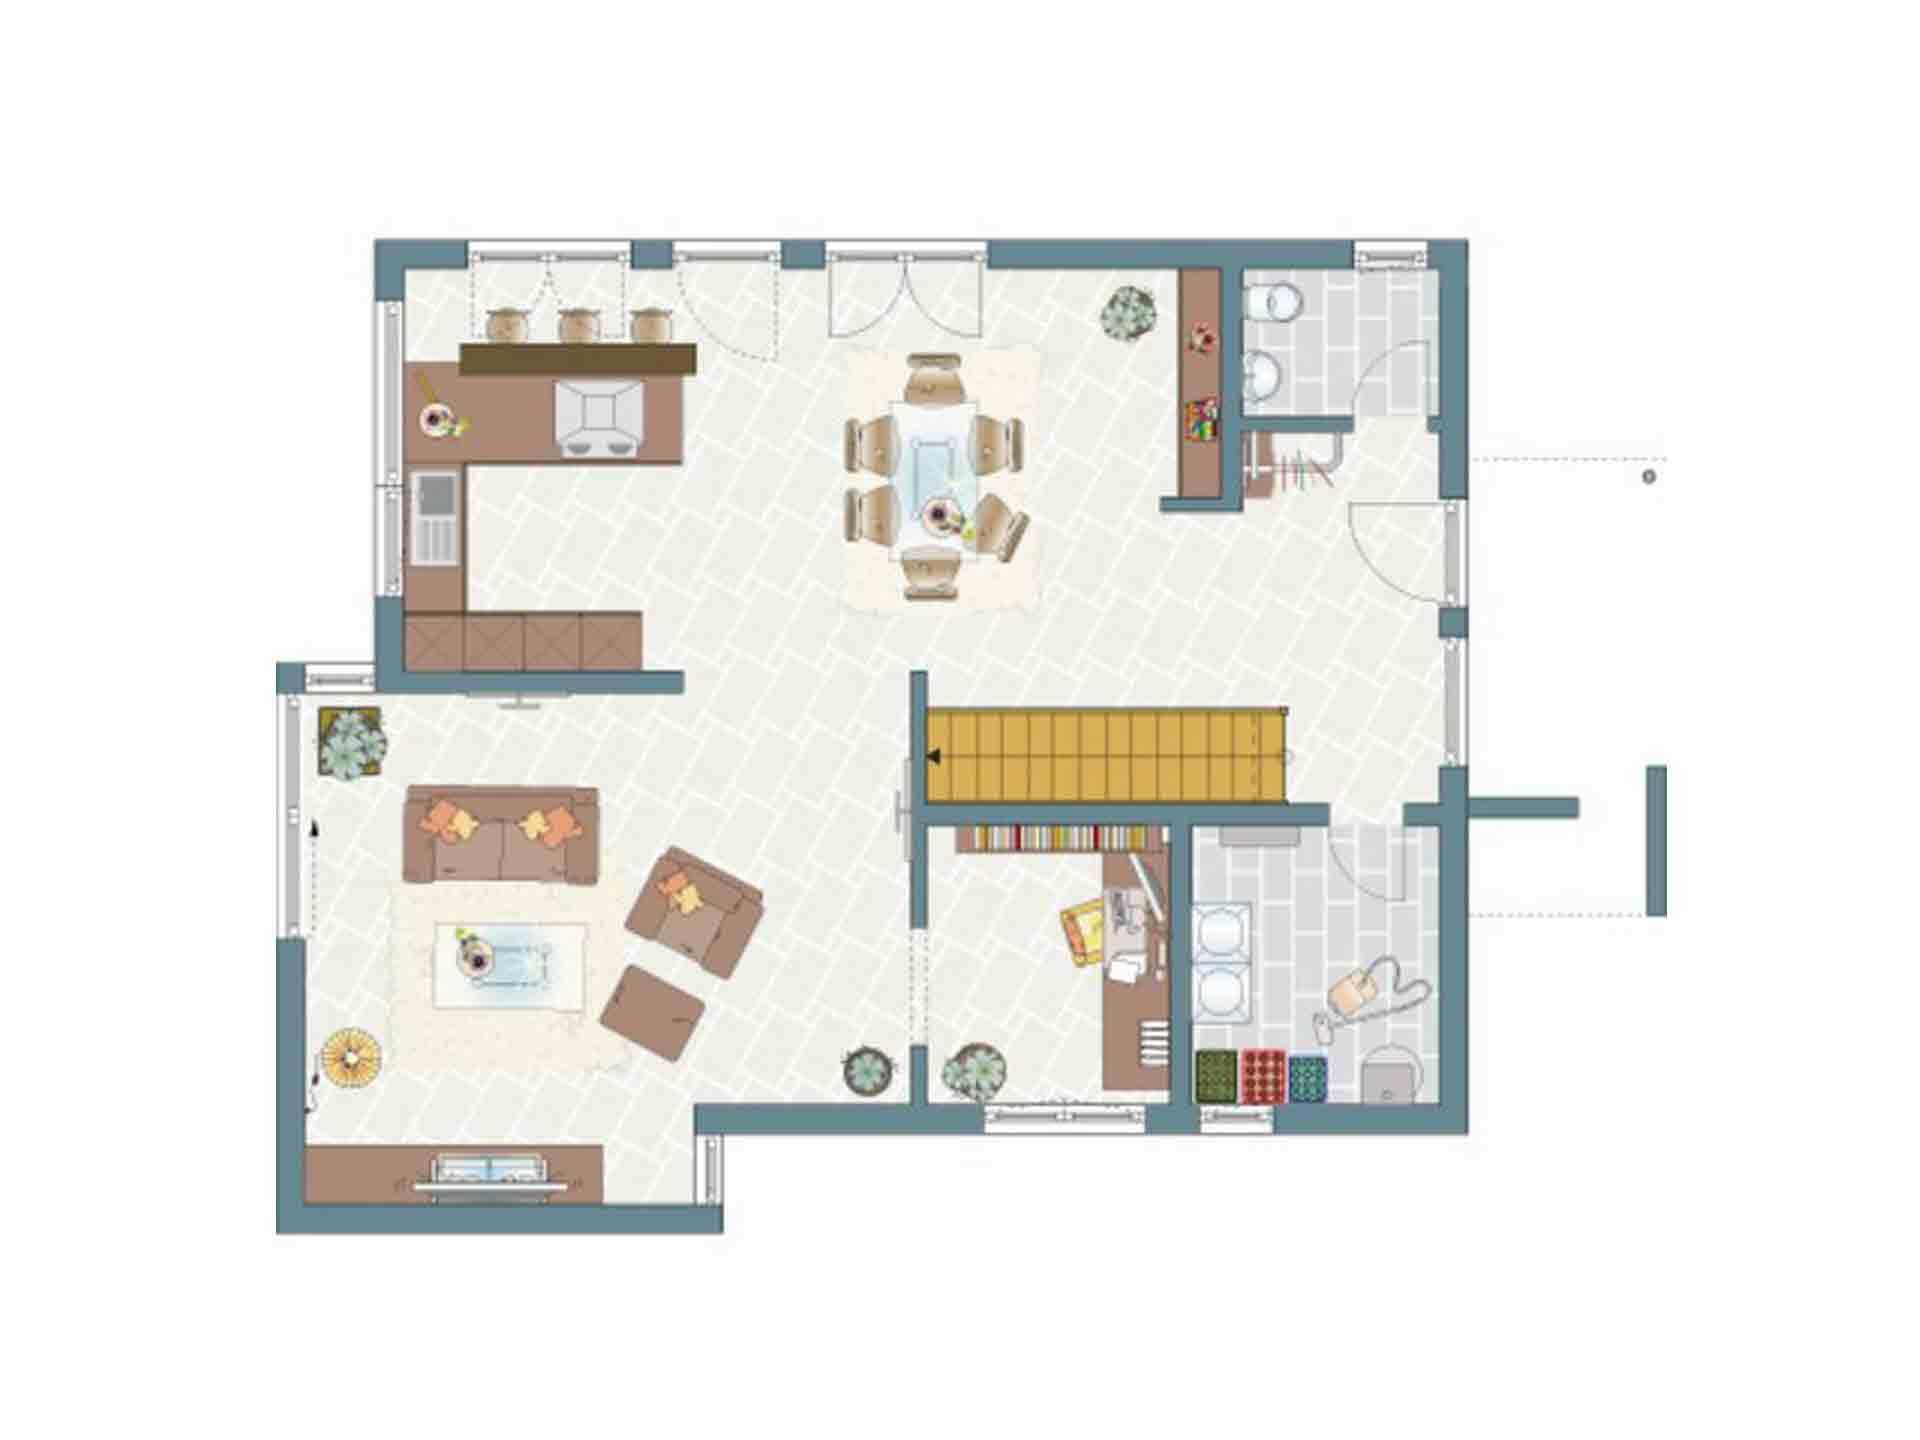 Musterhaus Hannover – NEO 300 - Eine Nahaufnahme von einem Schild - Gebäudeplan